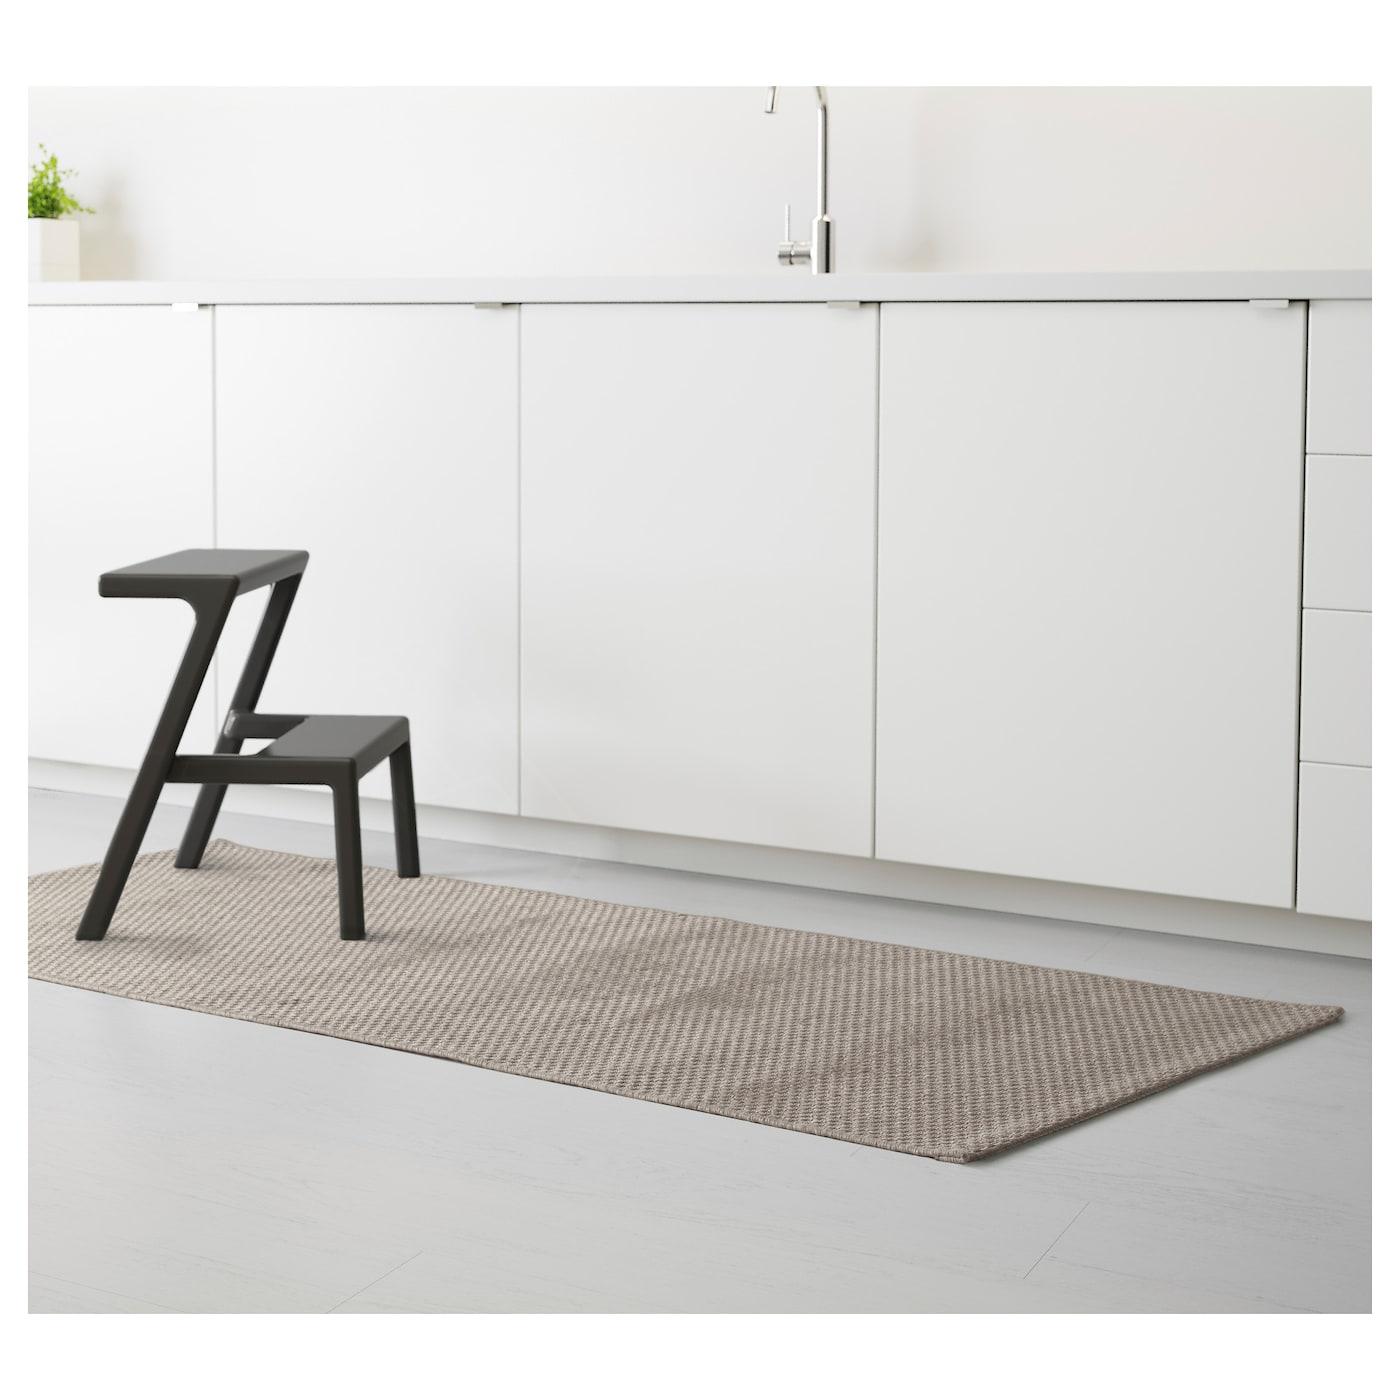 morum tapis tiss plat int ext rieur beige 80 x 200 cm. Black Bedroom Furniture Sets. Home Design Ideas